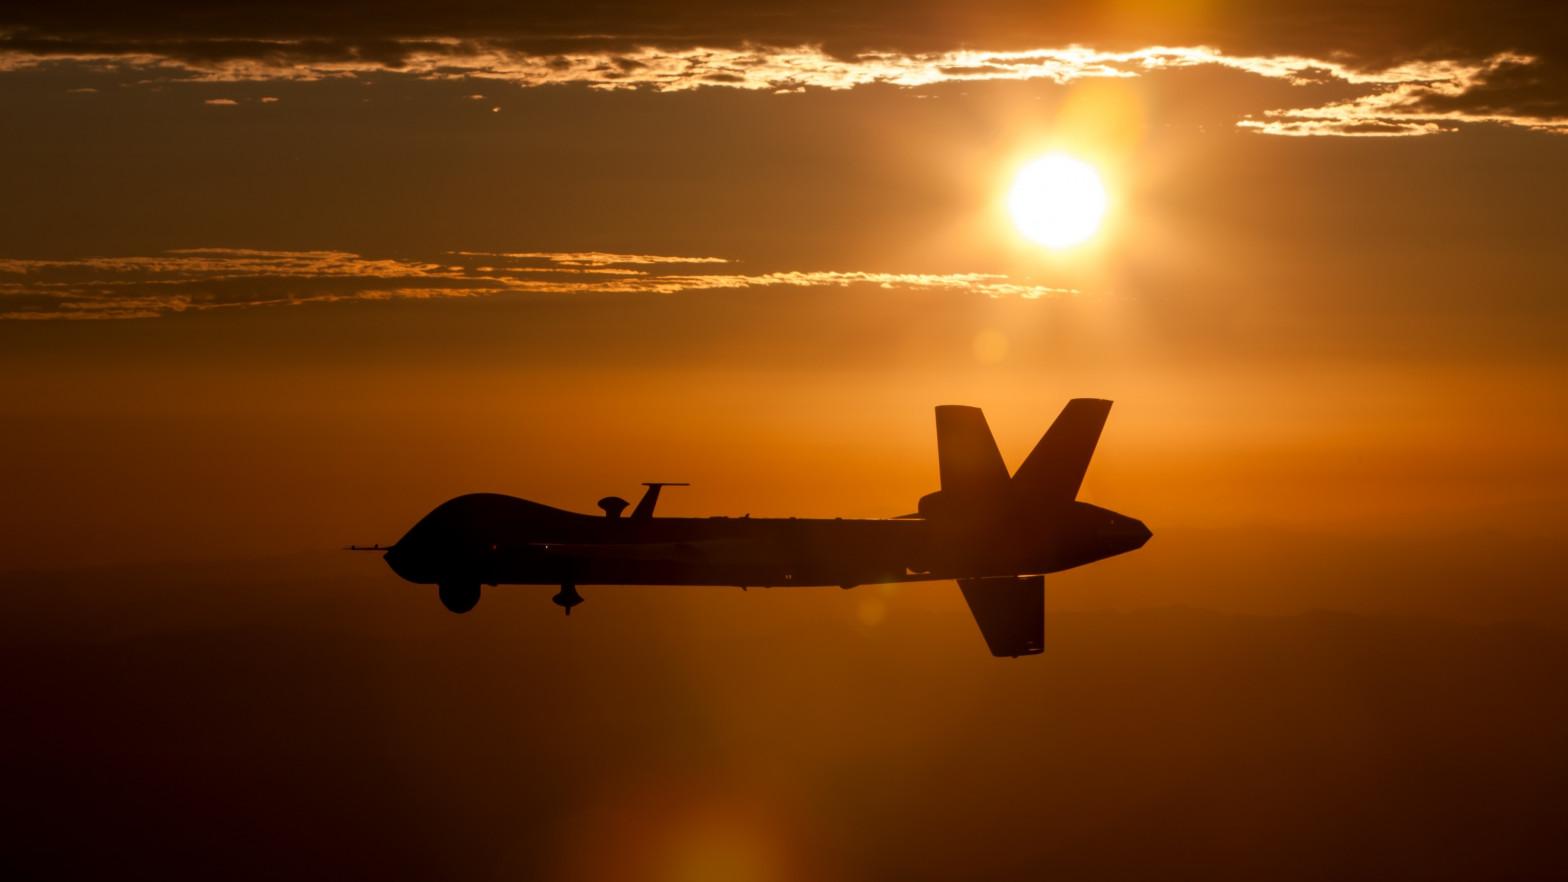 EEUU aprueba una venta armamentística a España de 90 millones de euros